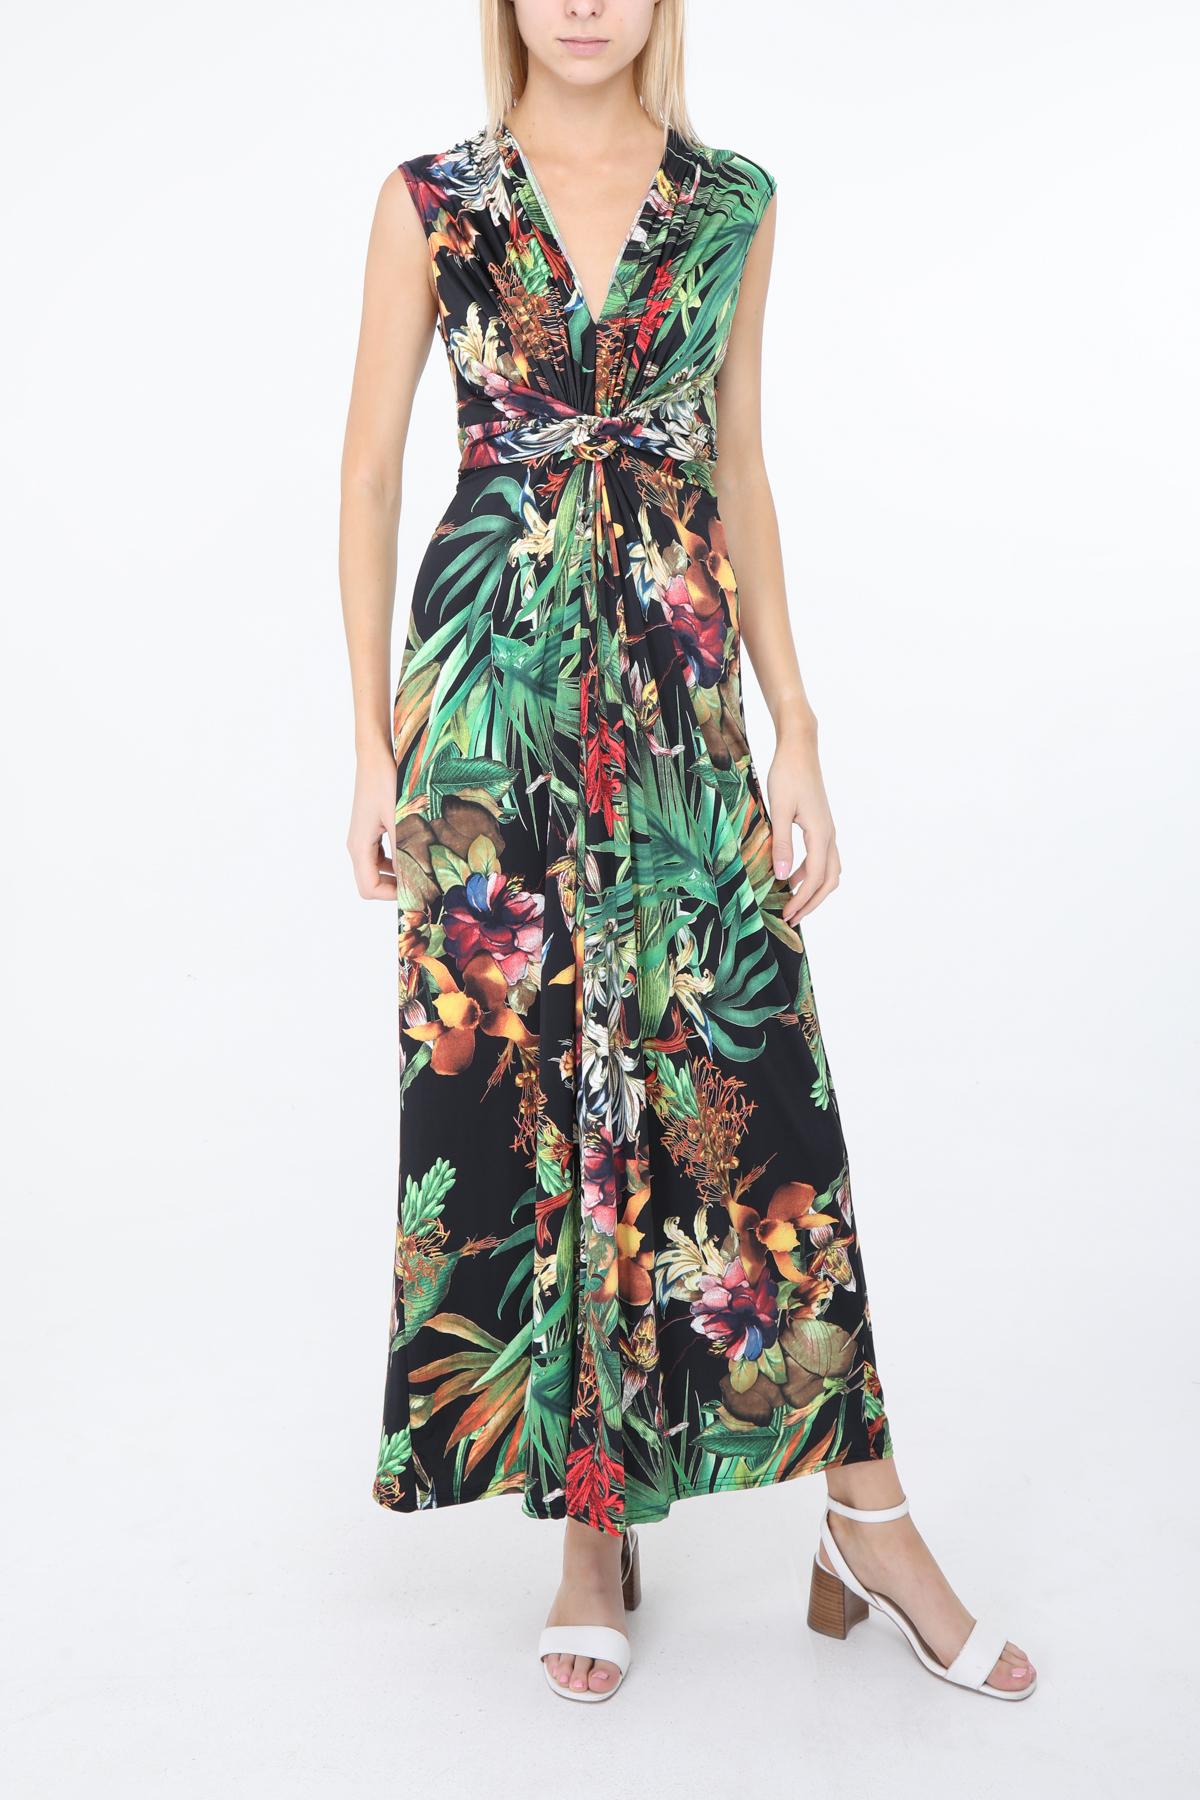 Robes longues Femme Noir lucky2 R93 #c eFashion Paris